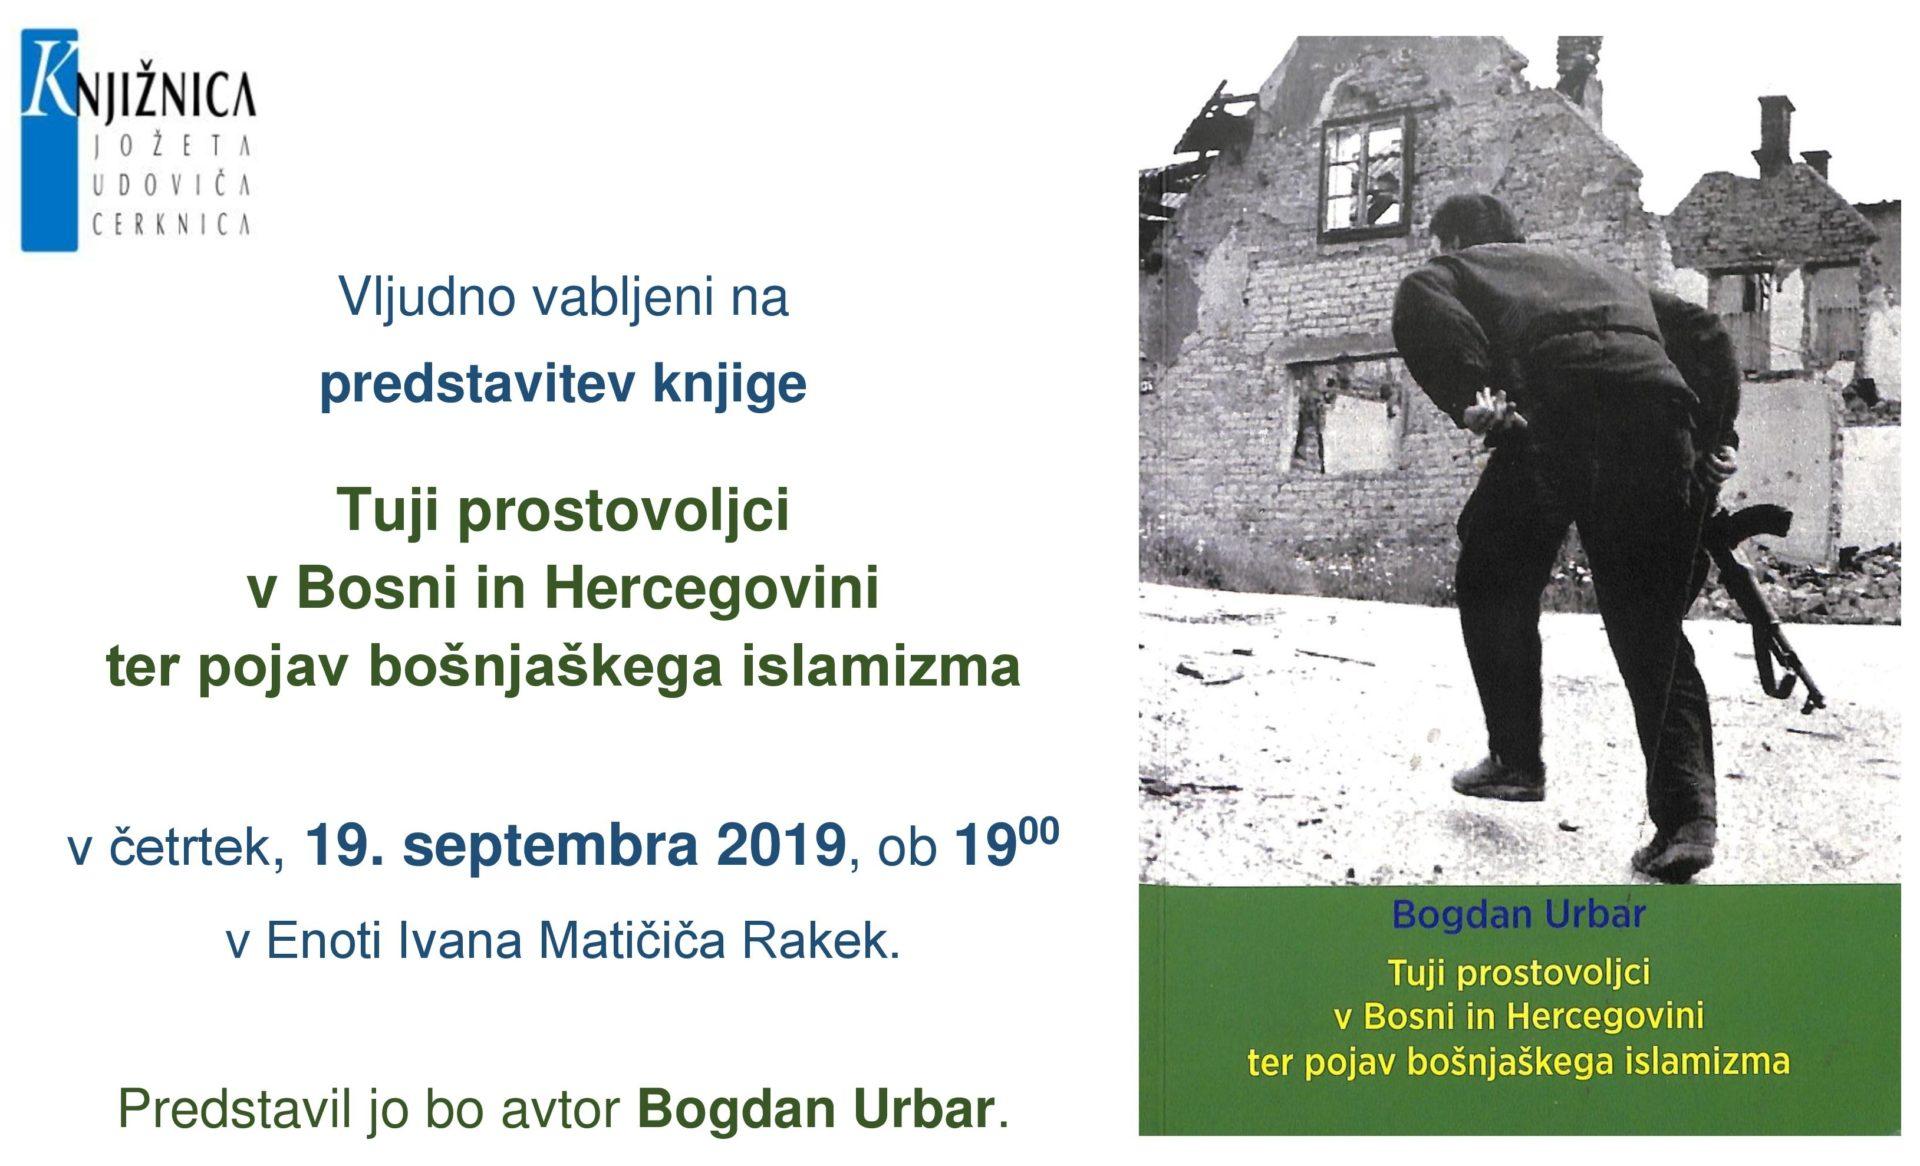 cover 1 - Predstavitev knjige: Tuji prostovoljci v Bosni in Hercegovini ter pojav bošnjaškega islamizma